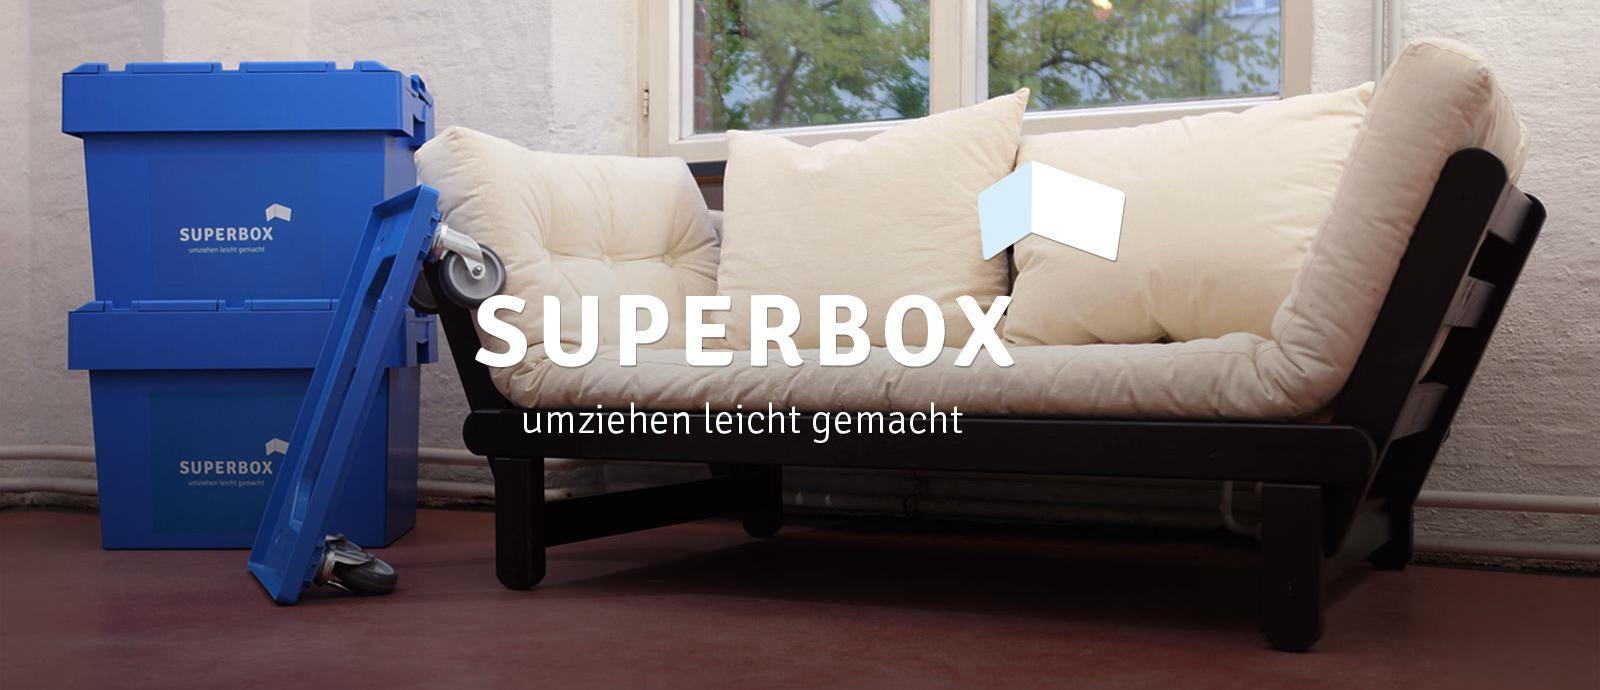 superbox-magento-header-welance